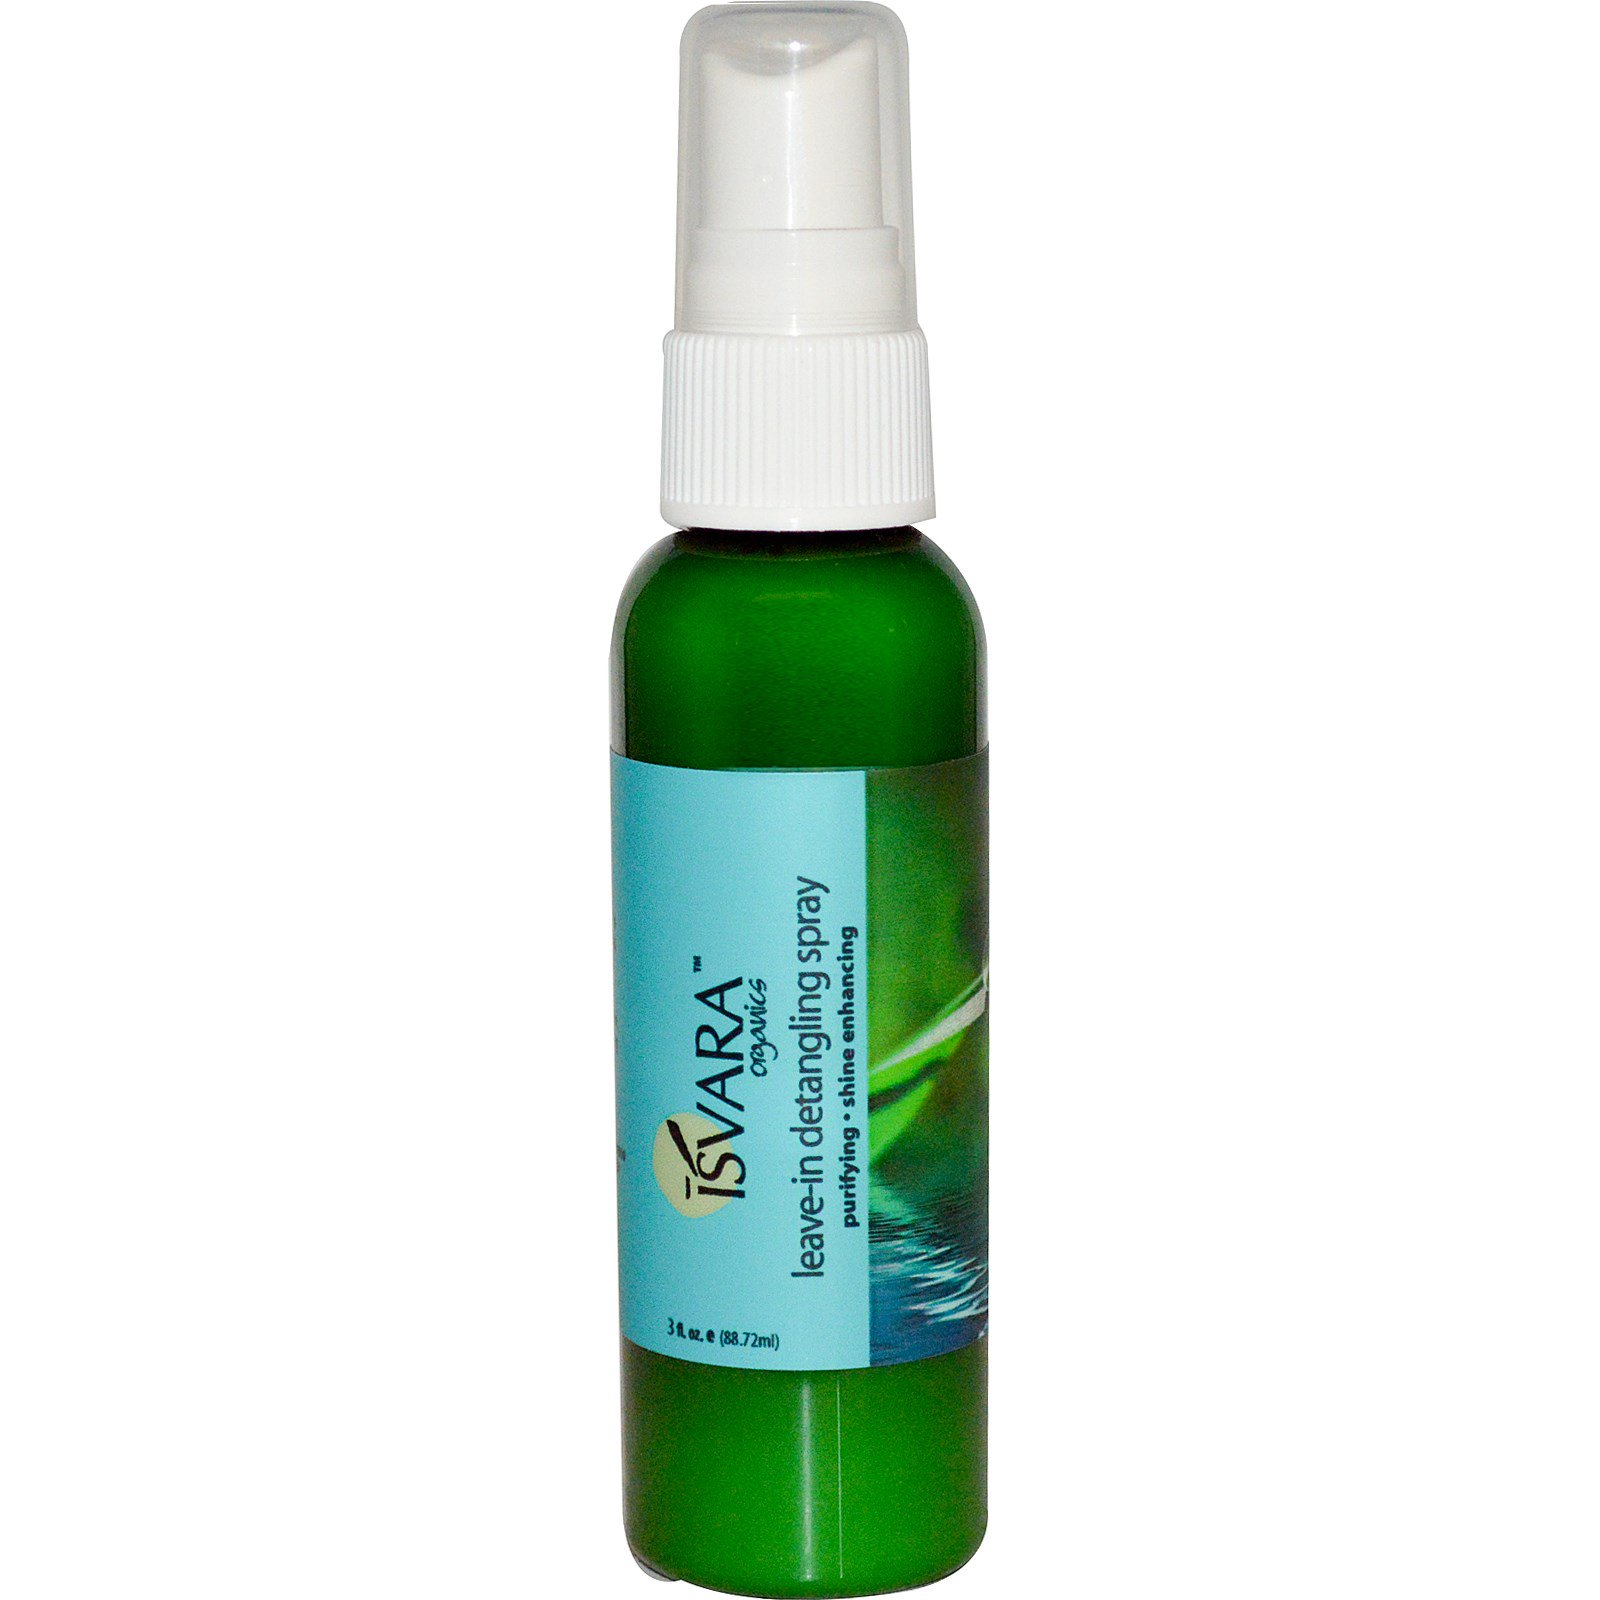 Isvara Organics, Несмываемый спрей для секущихся волос, 3 жидких унции (88,72 мл)